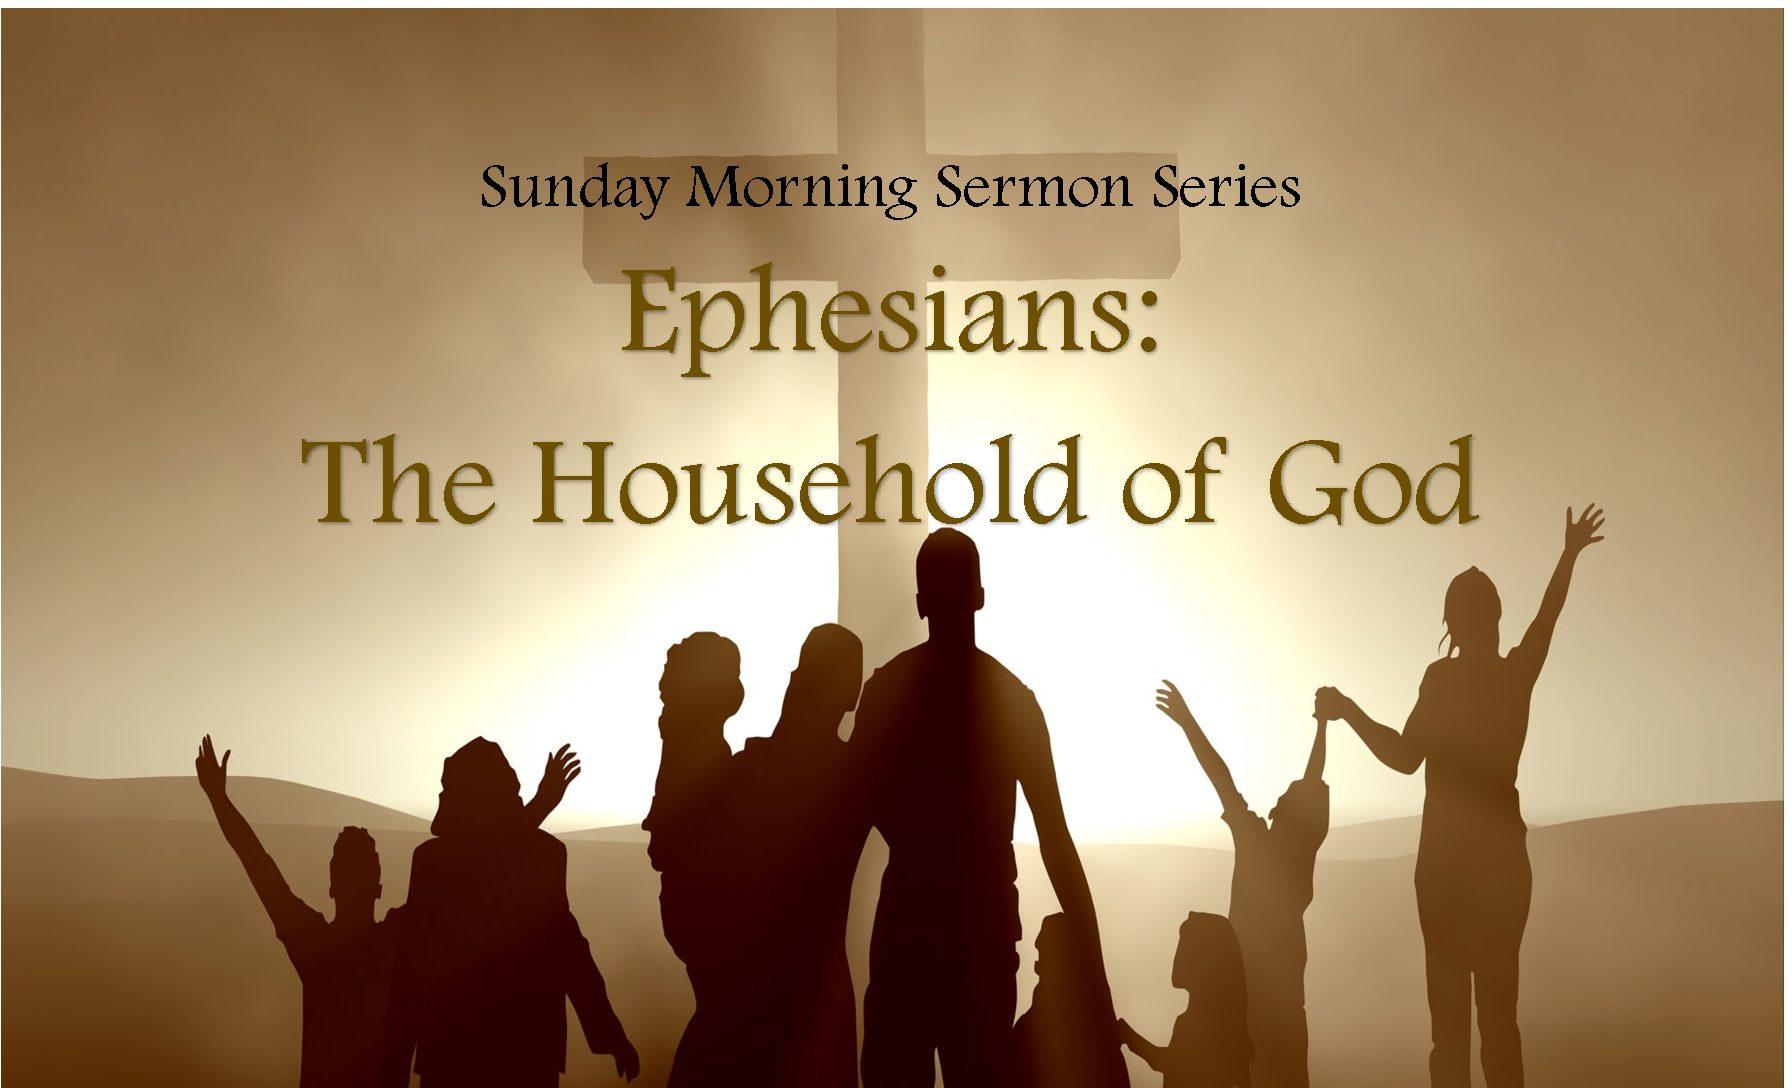 The Household of God: The SOP for Gospel Ministry